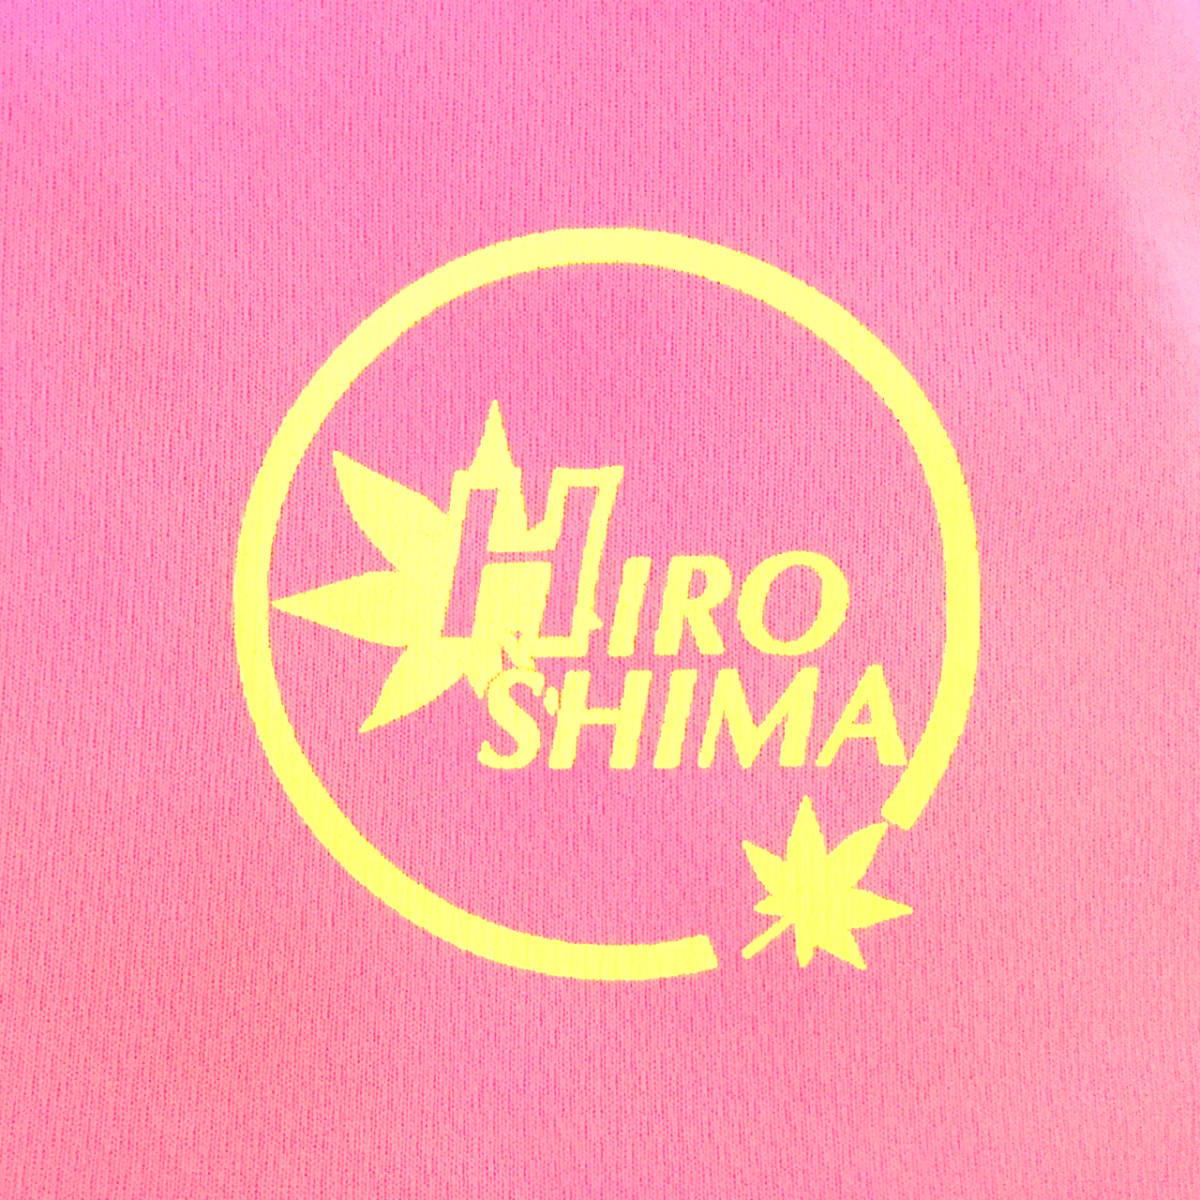 ドライTシャツ 広島ロゴ ピンク生地 XLサイズ_画像3